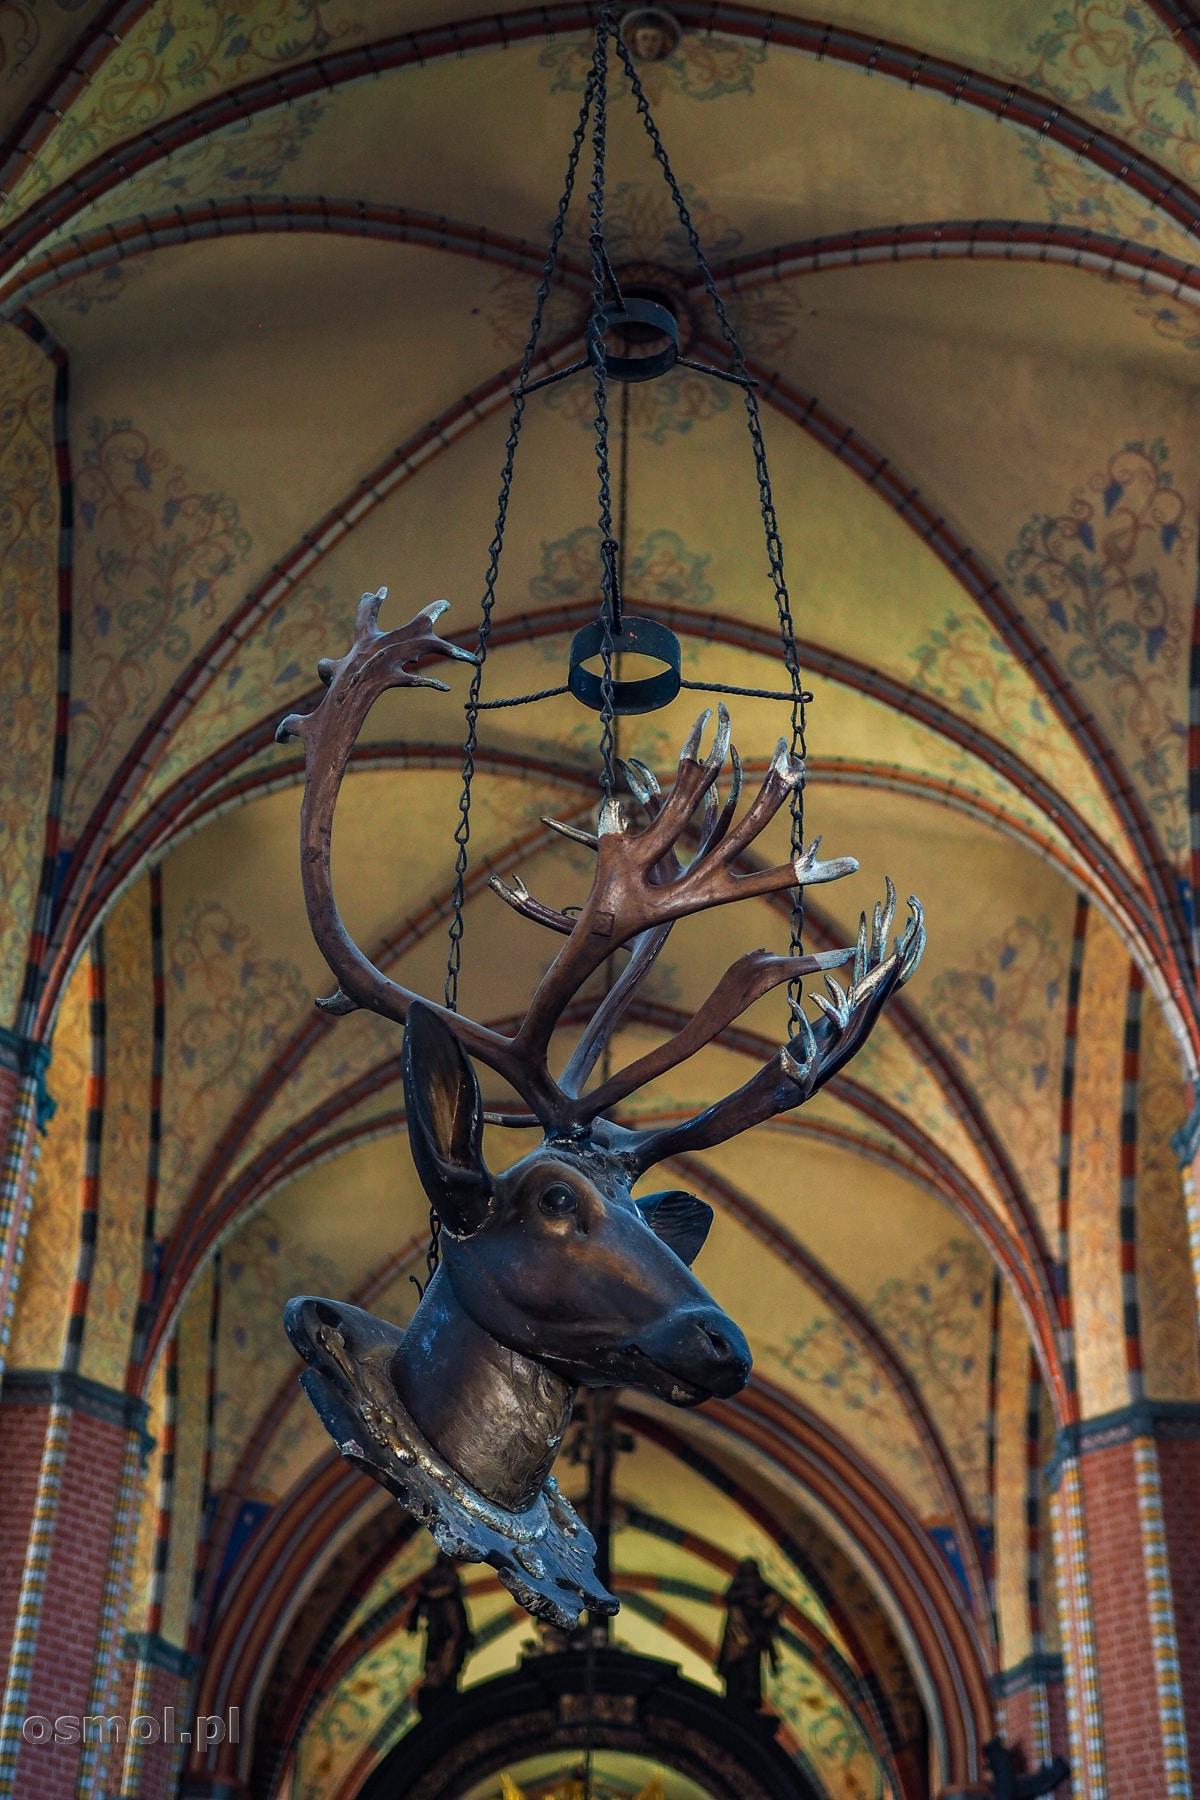 Higrometr czyli głowa jelenia przepowiadająca pogodę